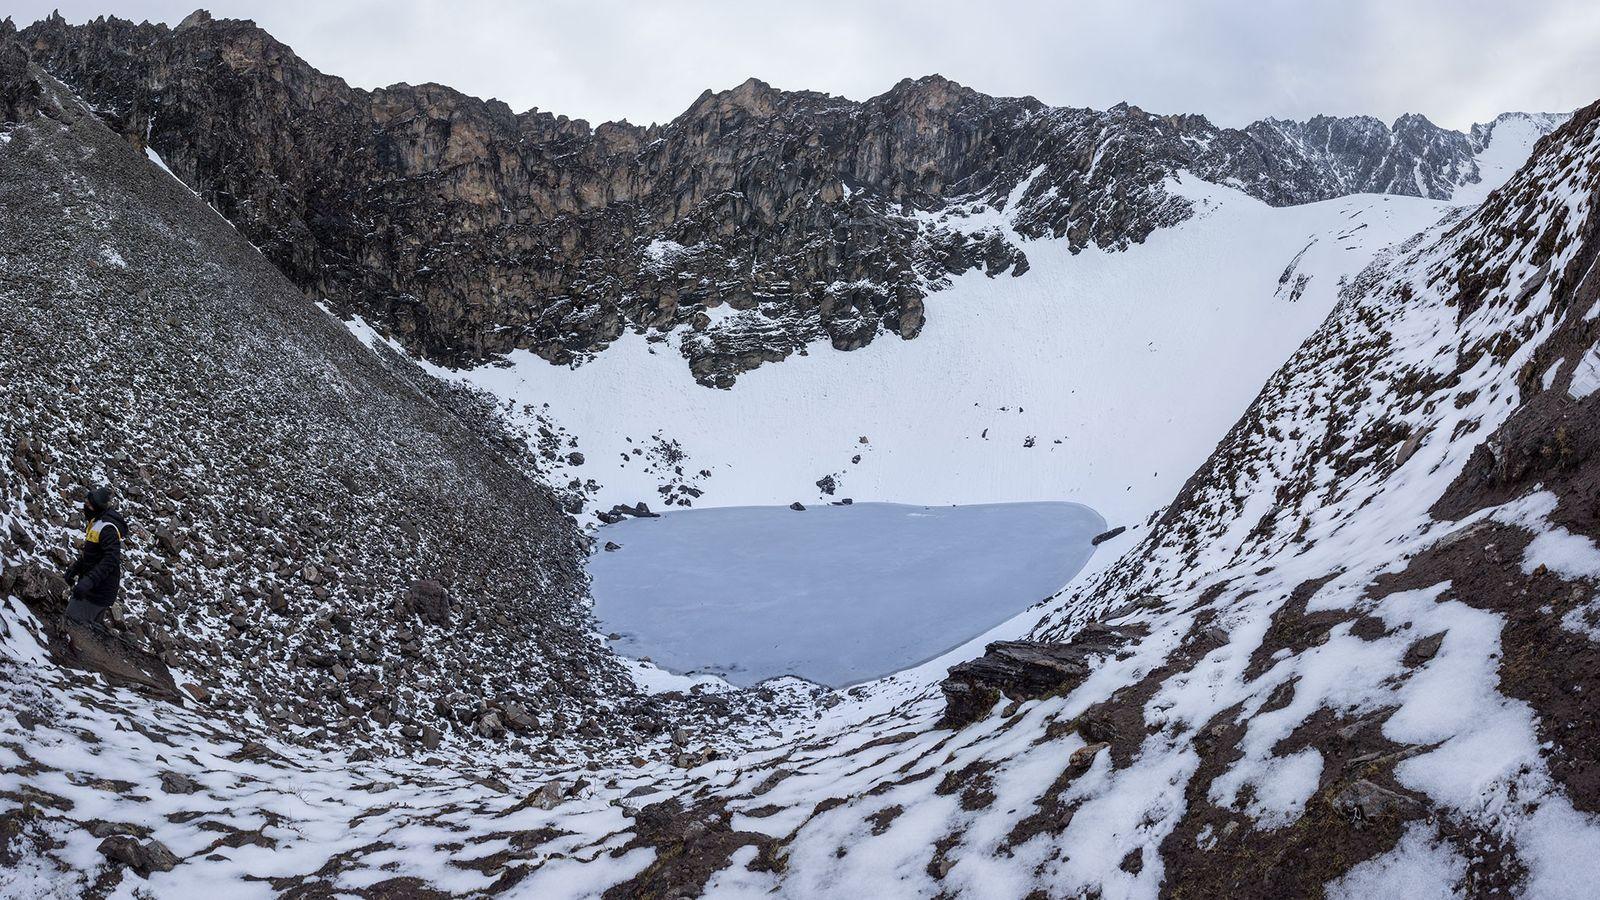 Diese Bildmontage zeigt den Roopkund-See und die umliegenden Berge.